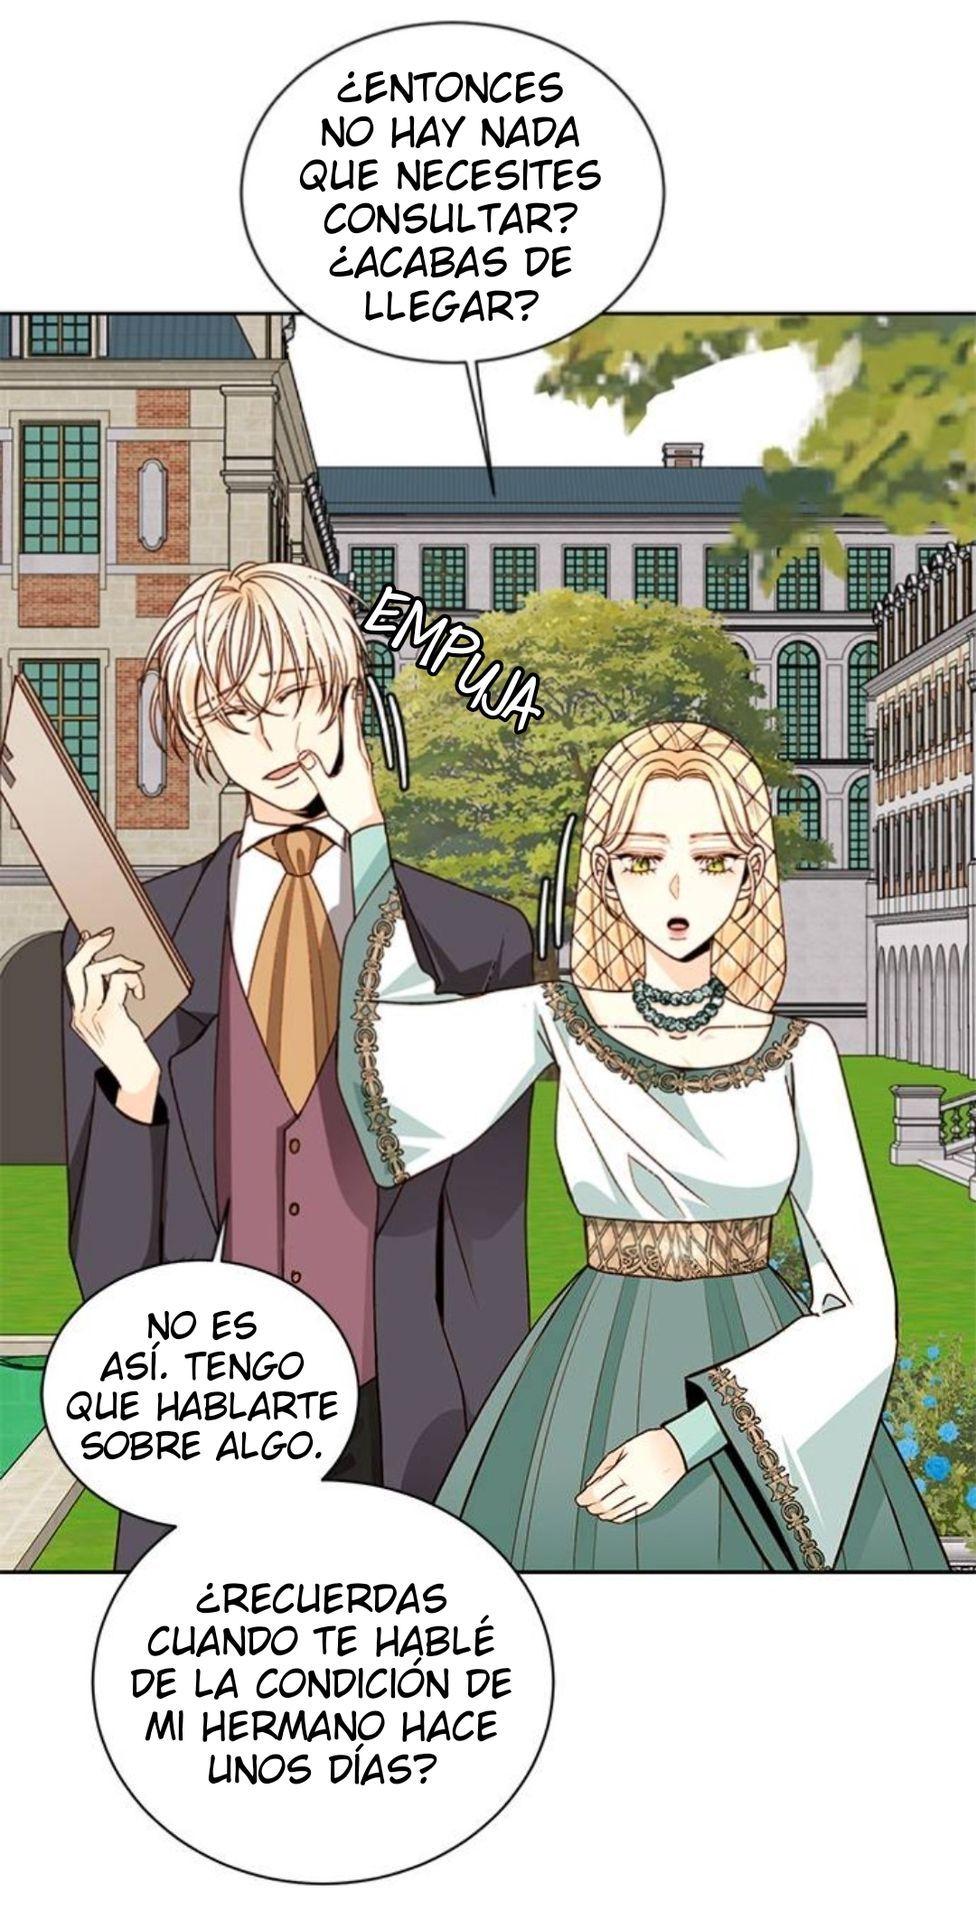 Navier Ellie Trovi Era La Emperatriz Perfecta En Todos Los Sentidos Fantasia Fantasia Amreading Books En 2021 Emperador Comics Romanticos Imperio De Oriente